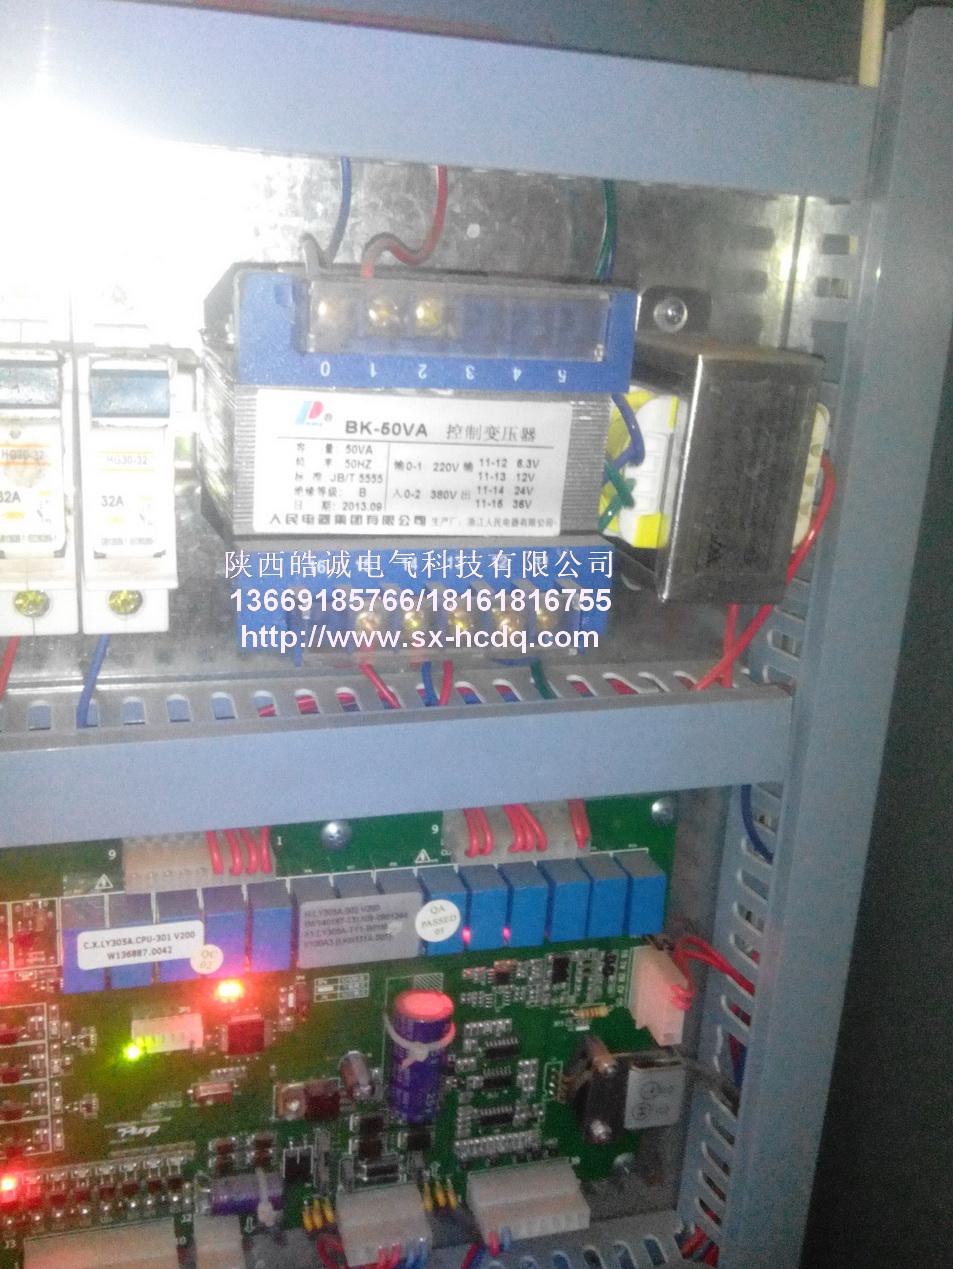 变频器,plc,触摸屏,交流伺服系统,直流调速器,ups电源,工业电路板.